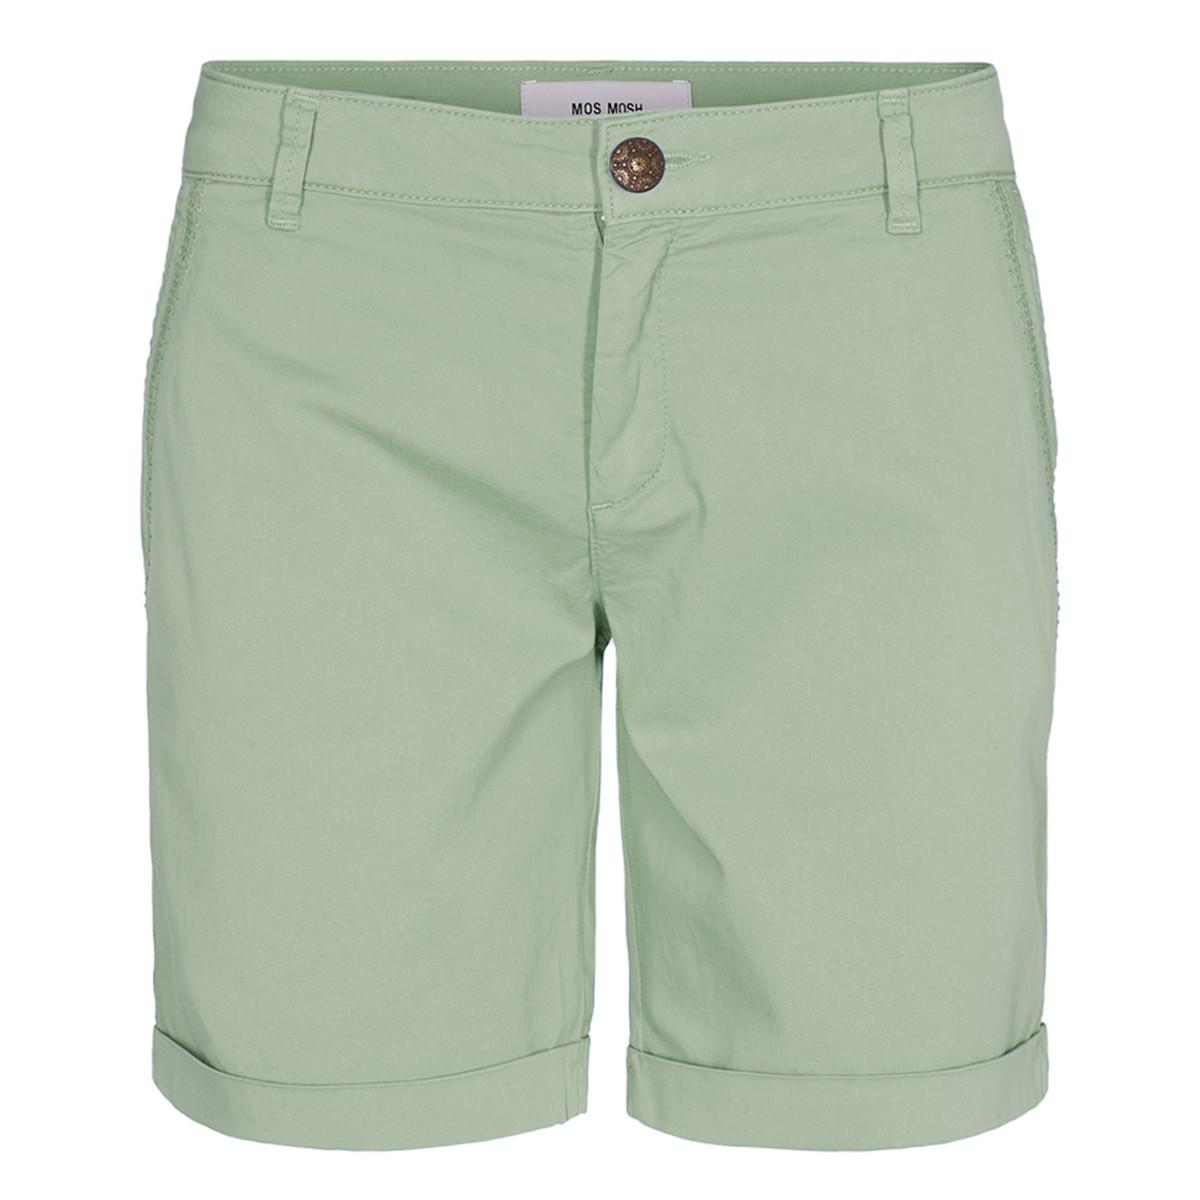 5a9c6a71 Mos Mosh | Køb fede jeans til kvinder - Fri fragt og hurtig levering